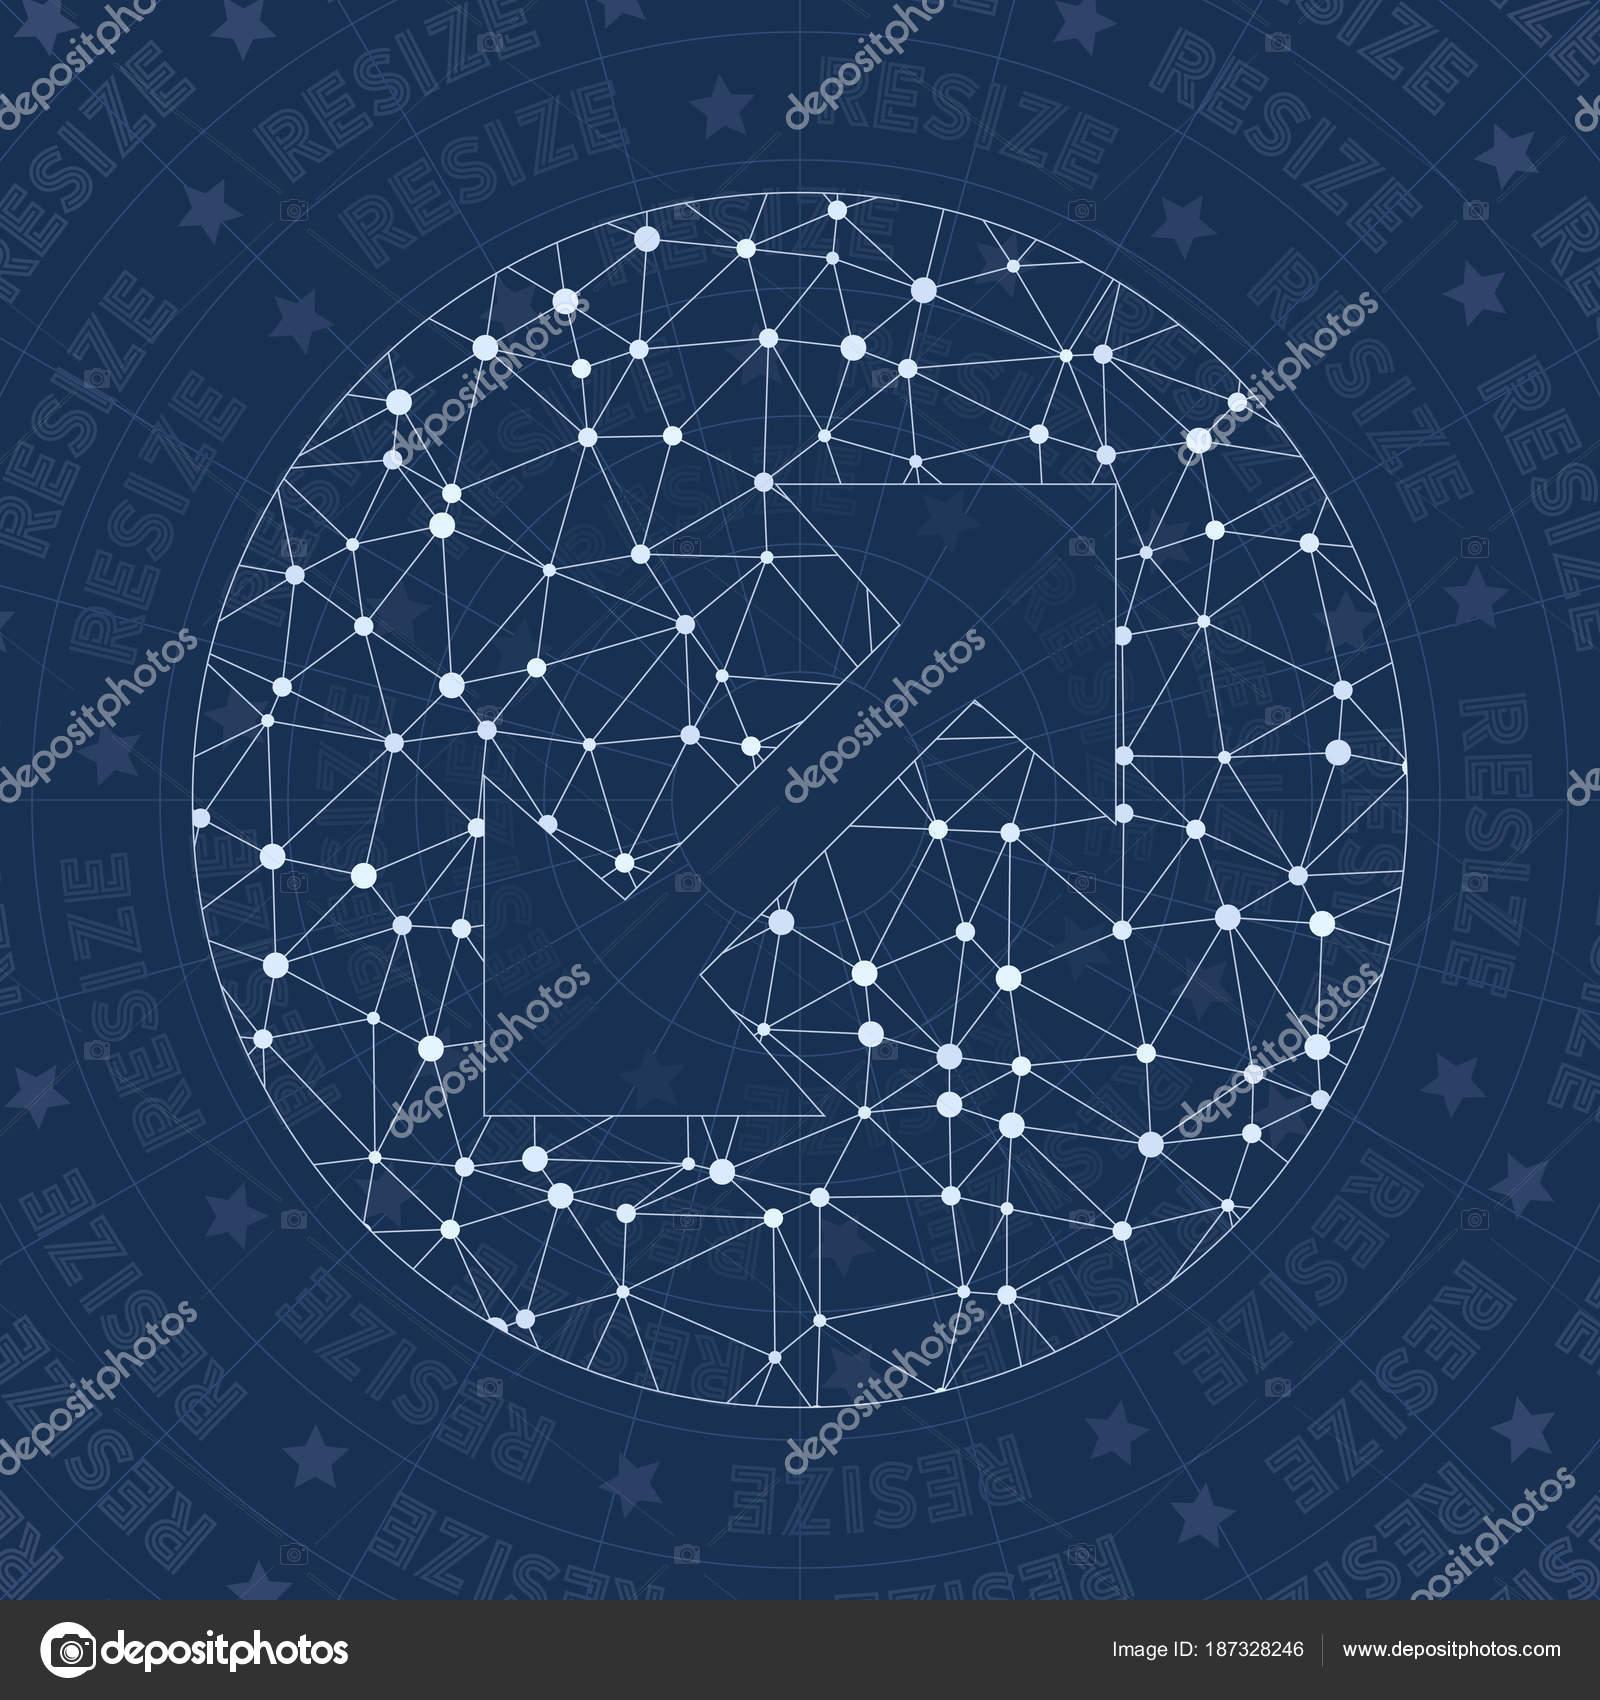 Redimensionar um crculo completo rede smbolo amusing constelao redimensionar um crculo completo rede smbolo amusing constelao smbolo real rede estilo estilo moderno vetores ccuart Images